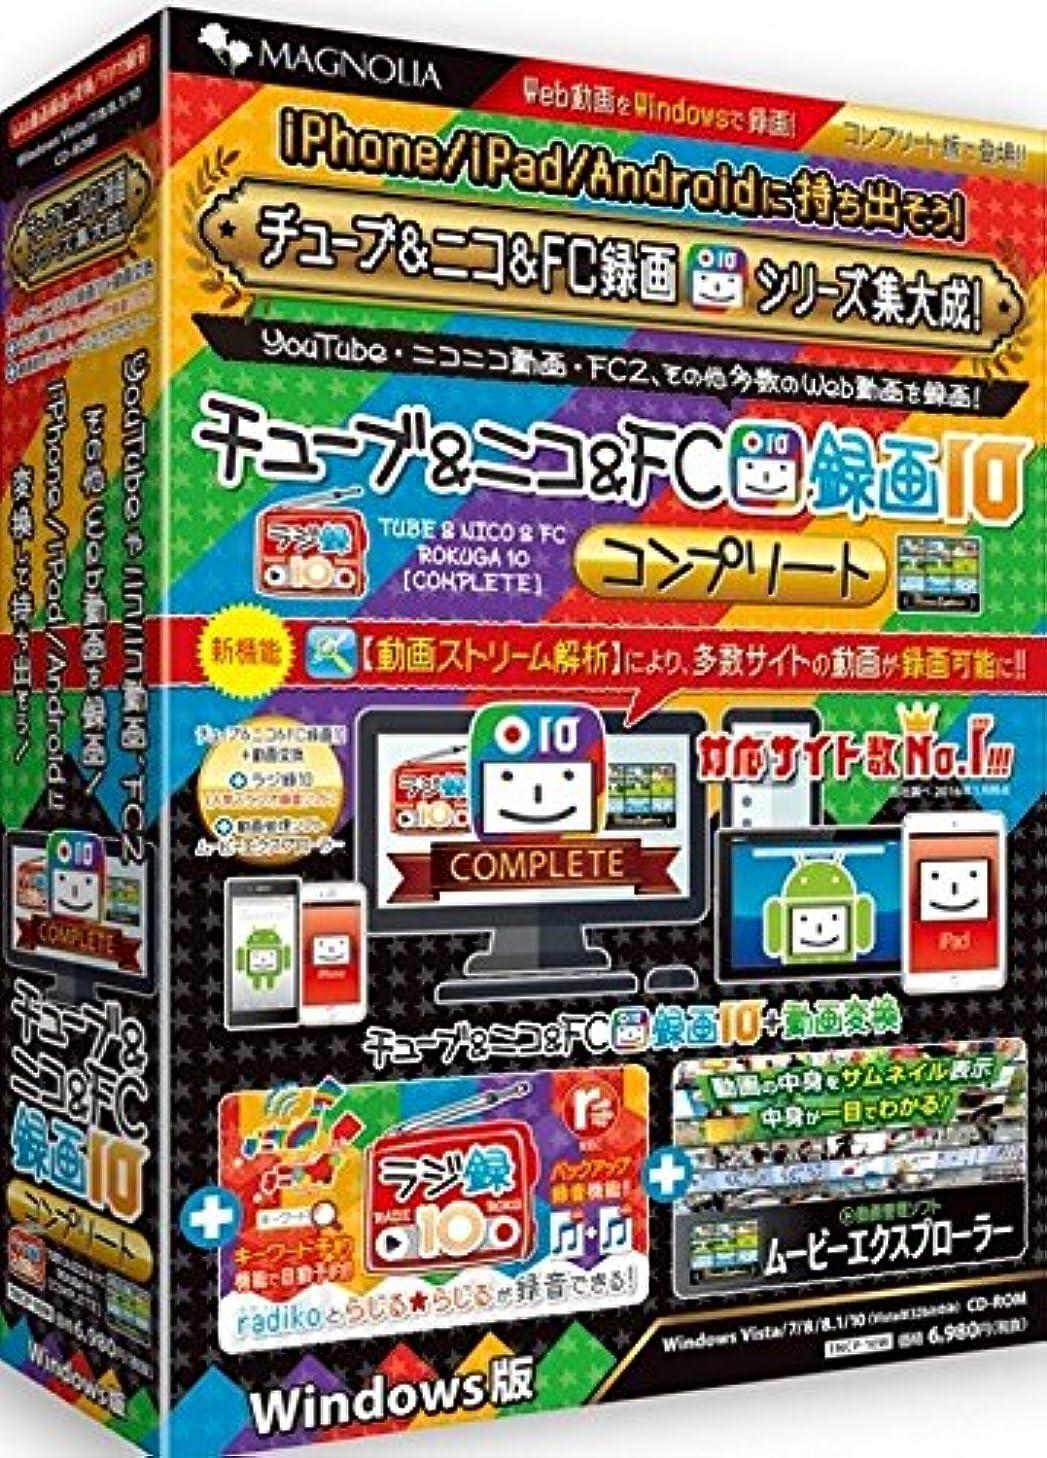 経済閃光ハッチチューブ&ニコ&FC録画10 コンプリート Windows版